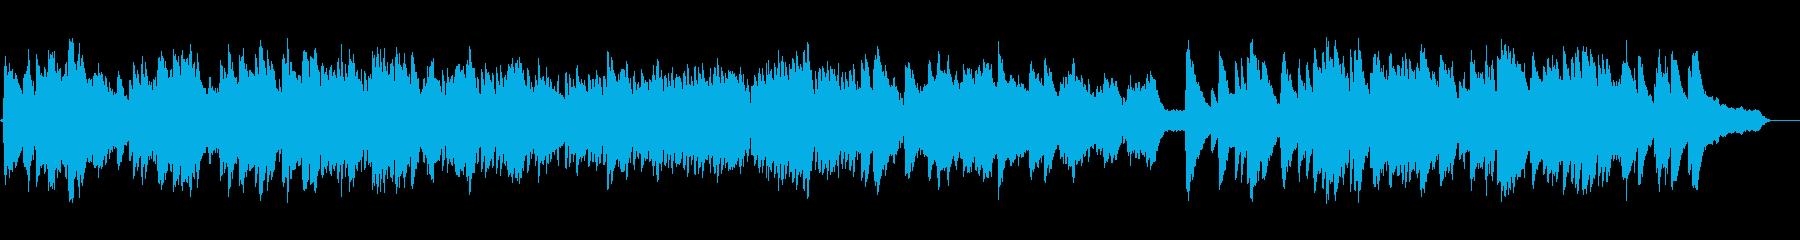 90秒の叙情的なピアノ曲の再生済みの波形